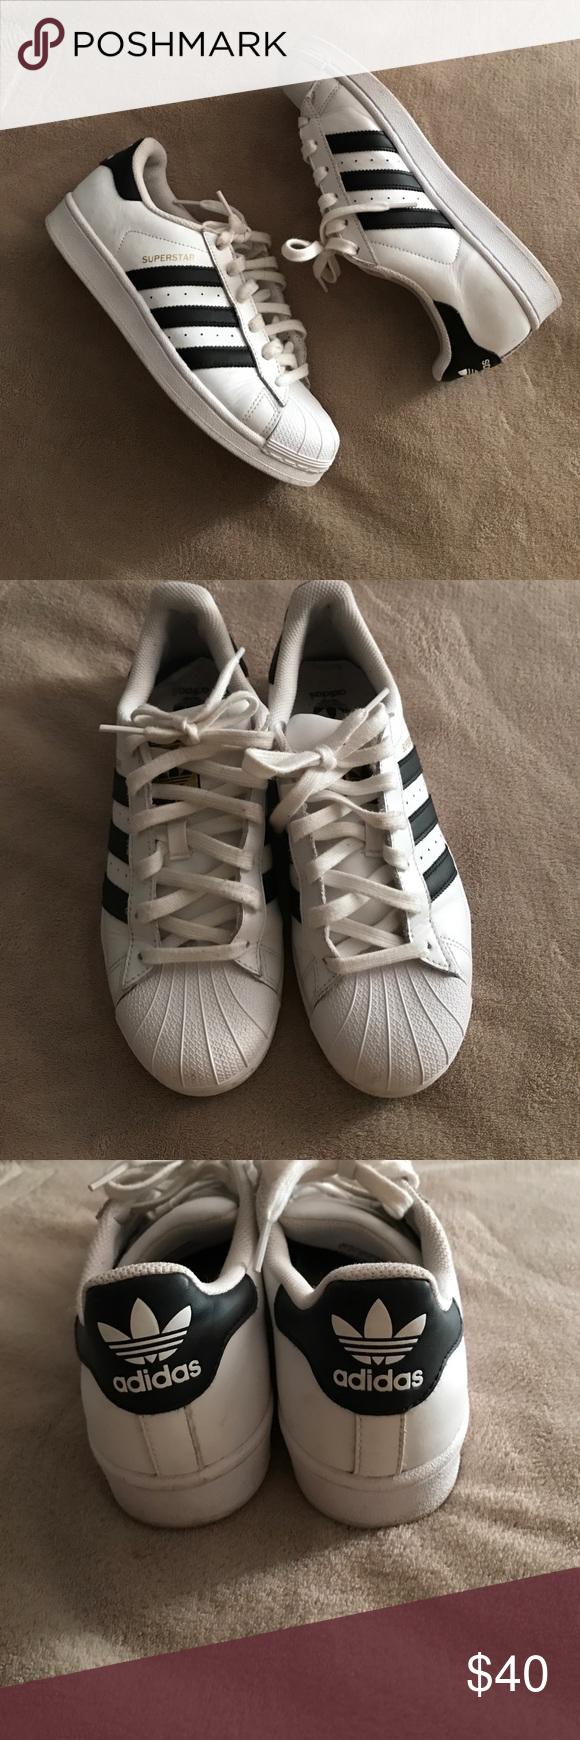 Classic Adidas Superstars   Adidas